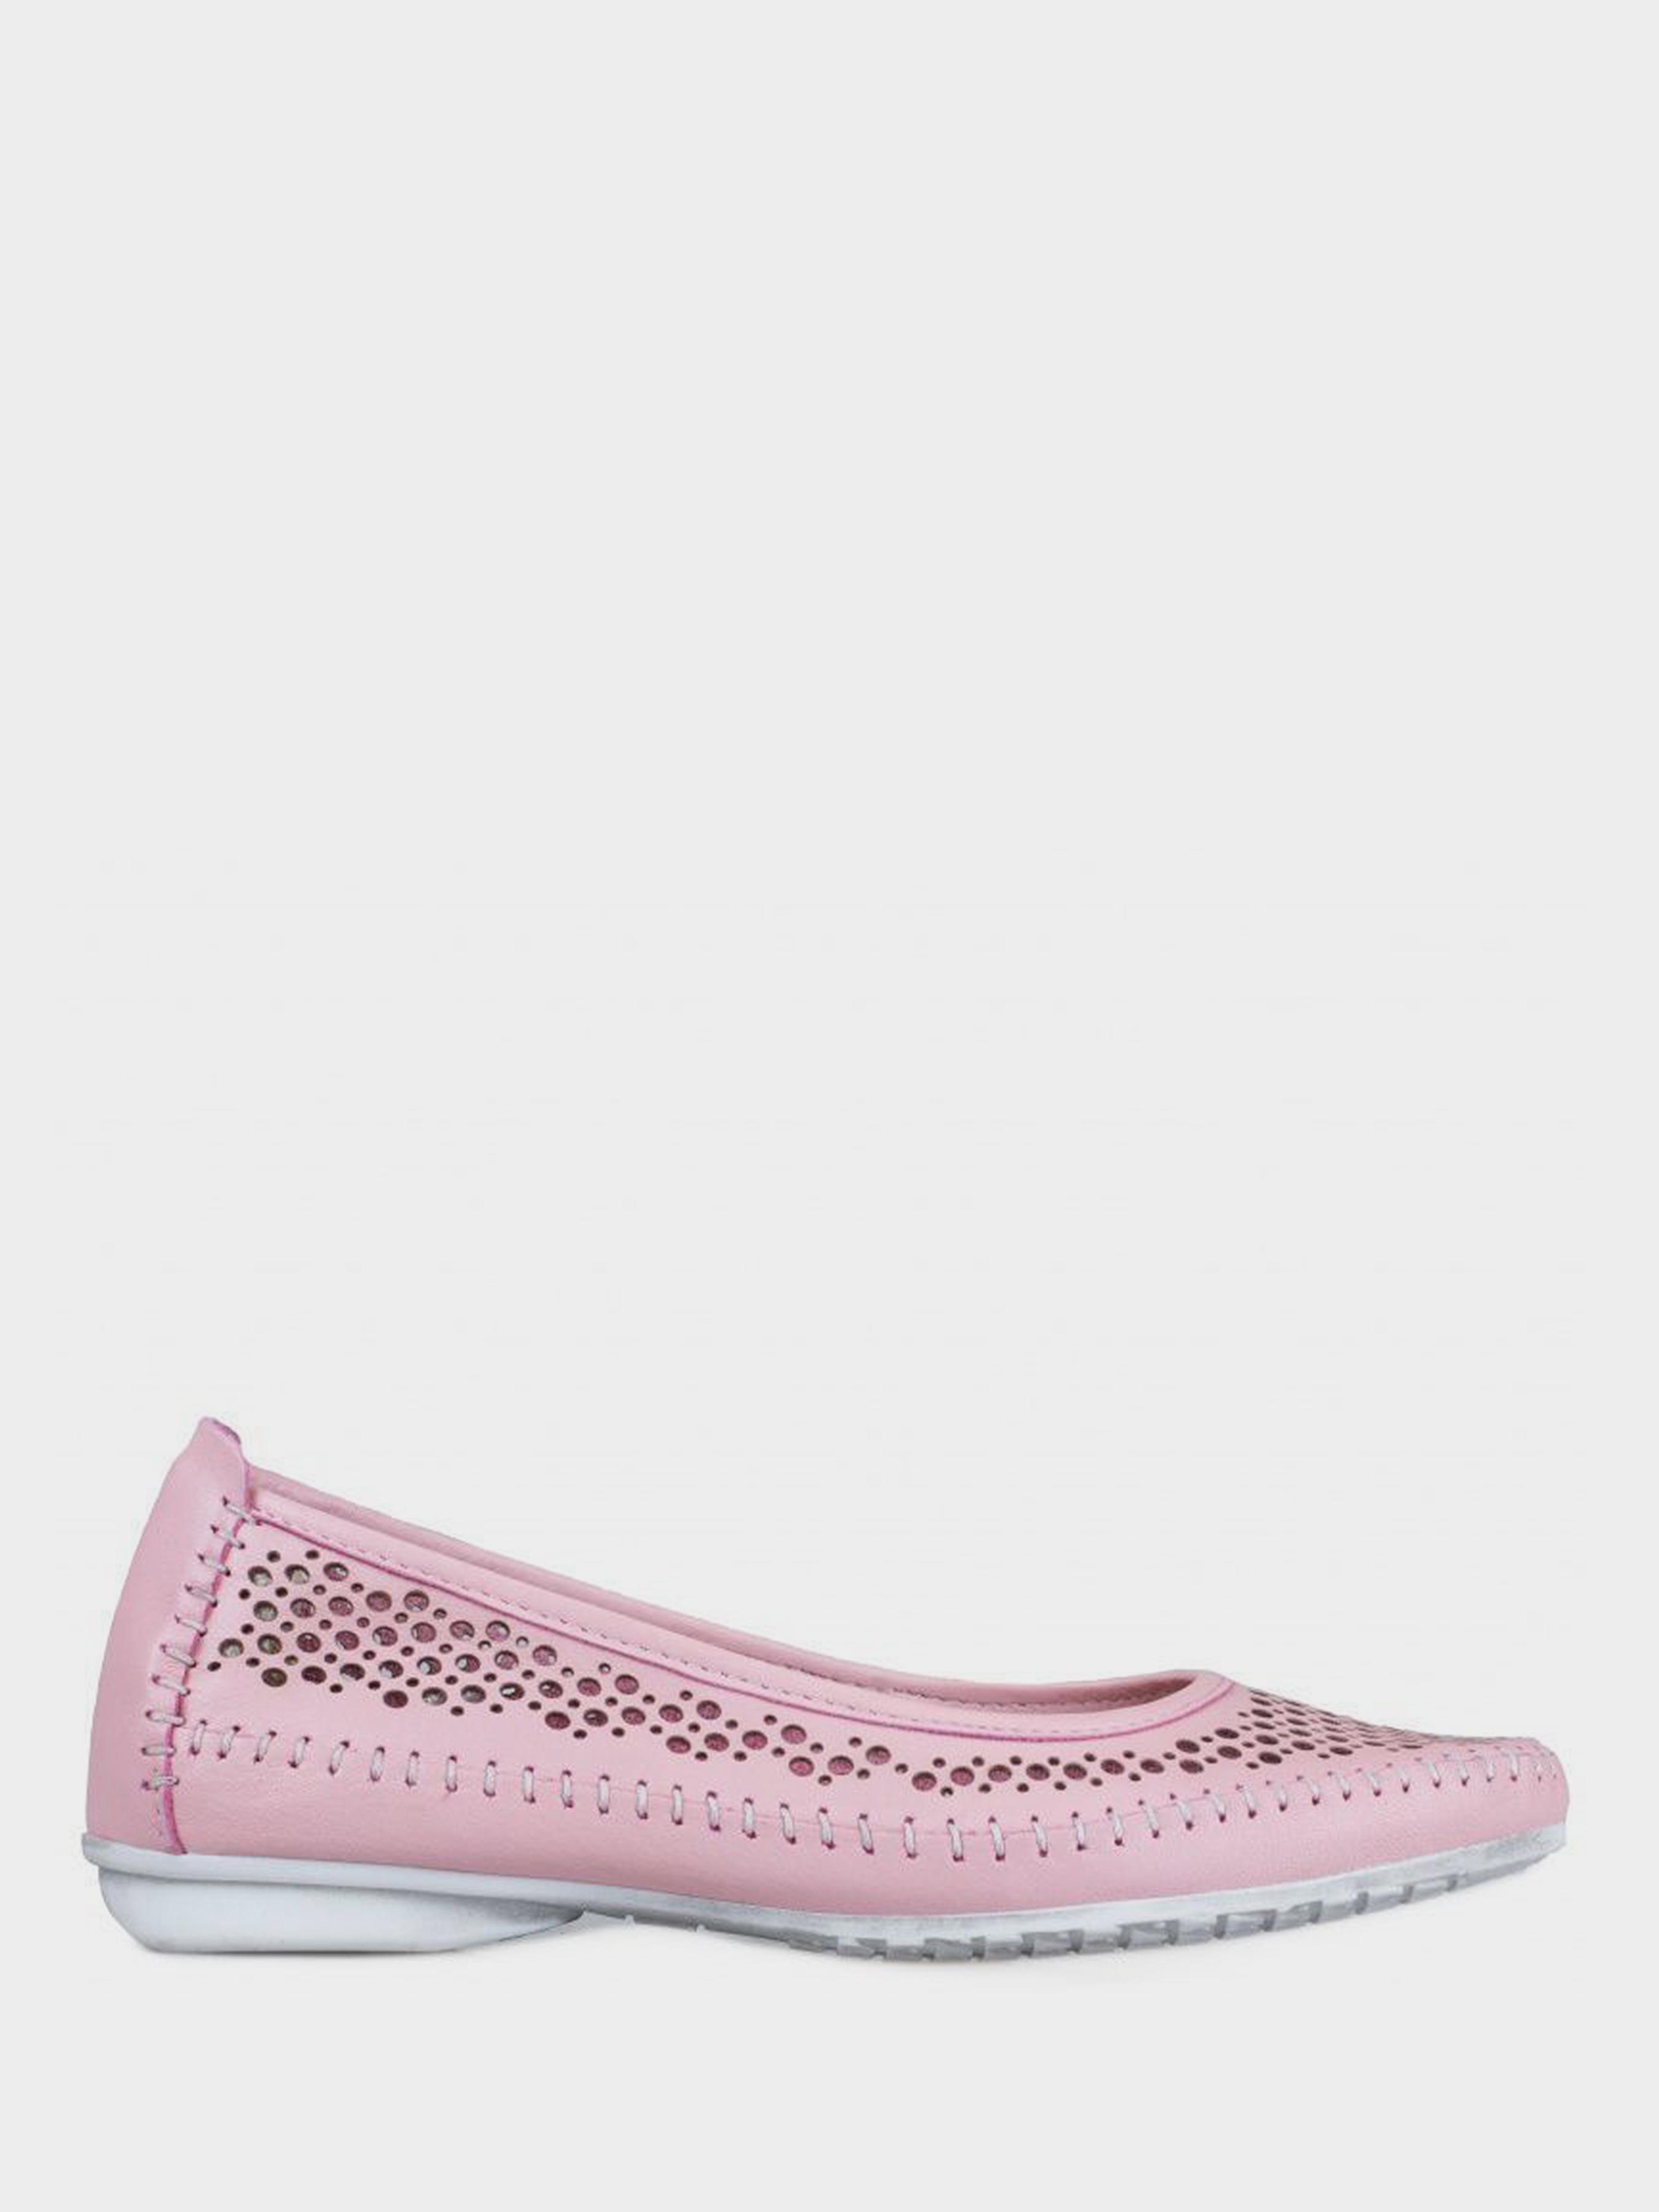 Балетки женские Filipe Shoes UZ40 размерная сетка обуви, 2017